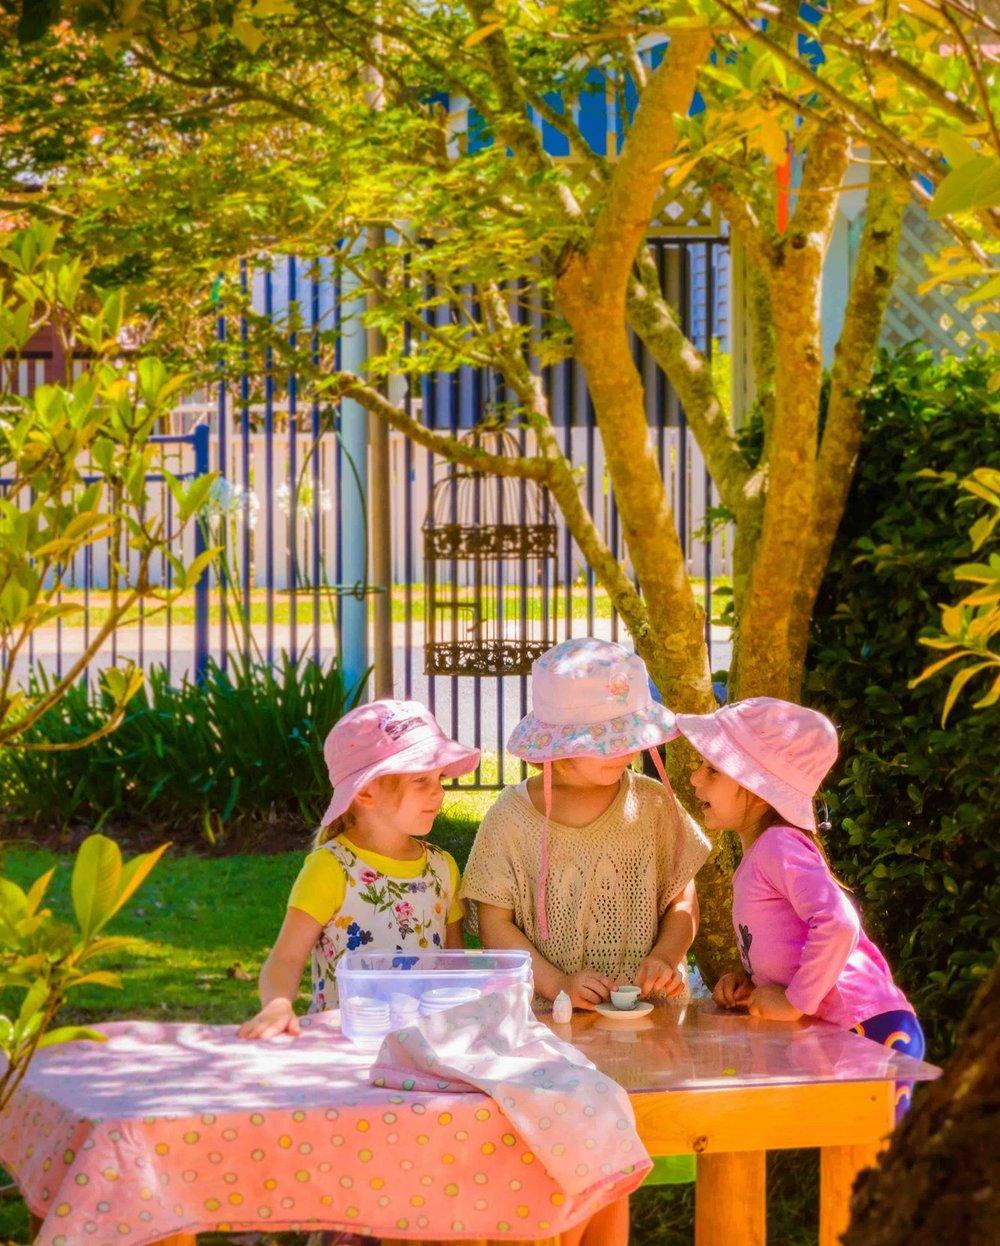 Chiselhurst_Little_Ladies_Garden_Conversation_Reduced.jpg